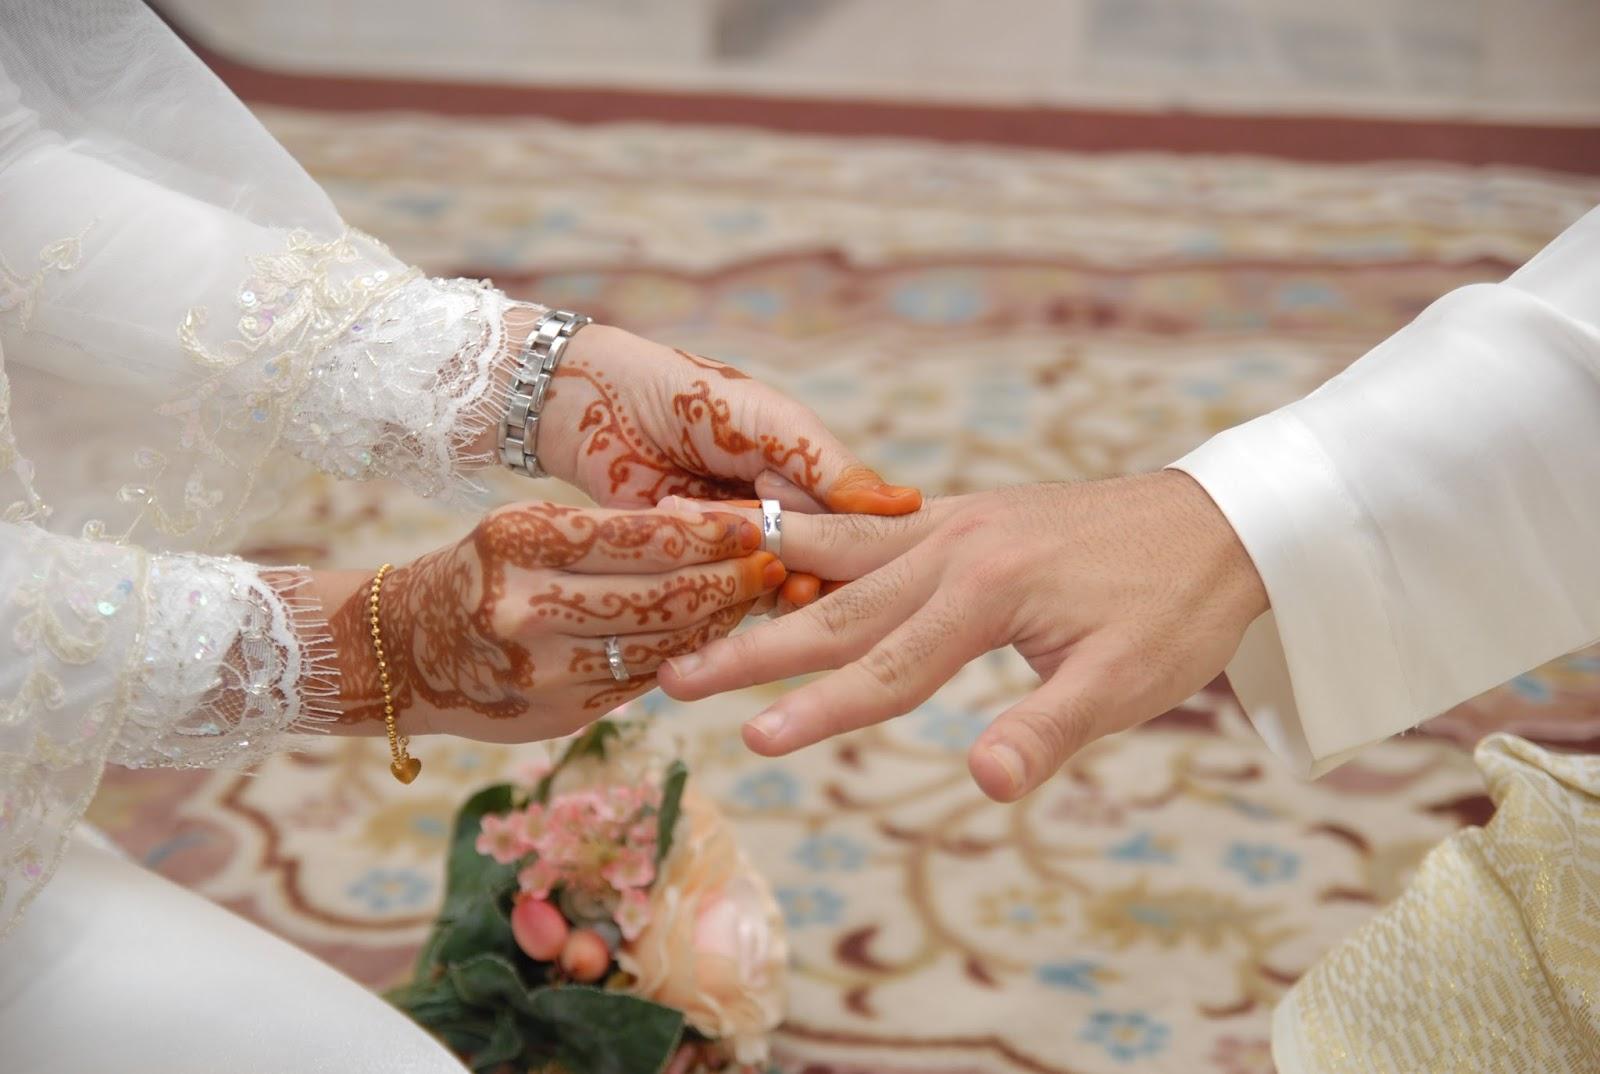 4 Tradisi Pernikahan Di Indonesia Yang Menggunakan Henna Dan